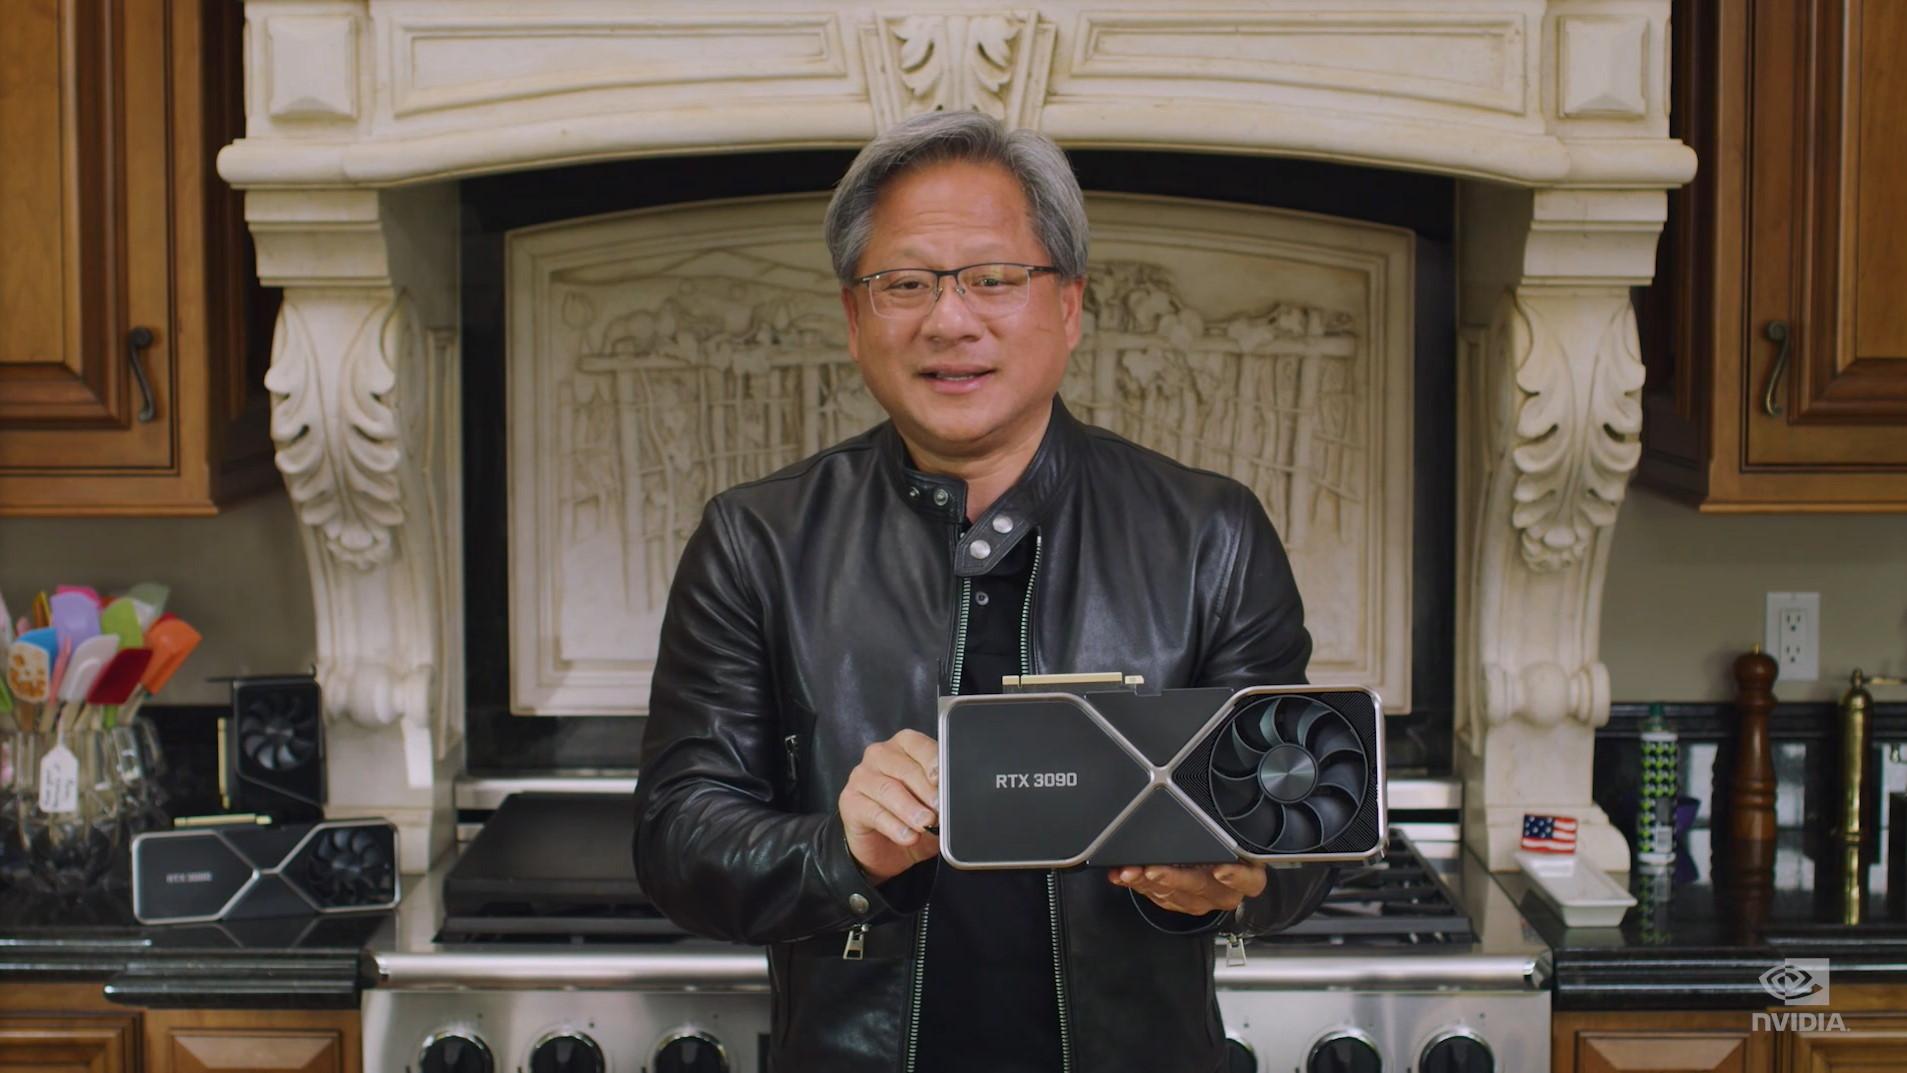 В прошлом квартале Nvidia заняла 82% рынка дискретных GPU для персональных компьютеров